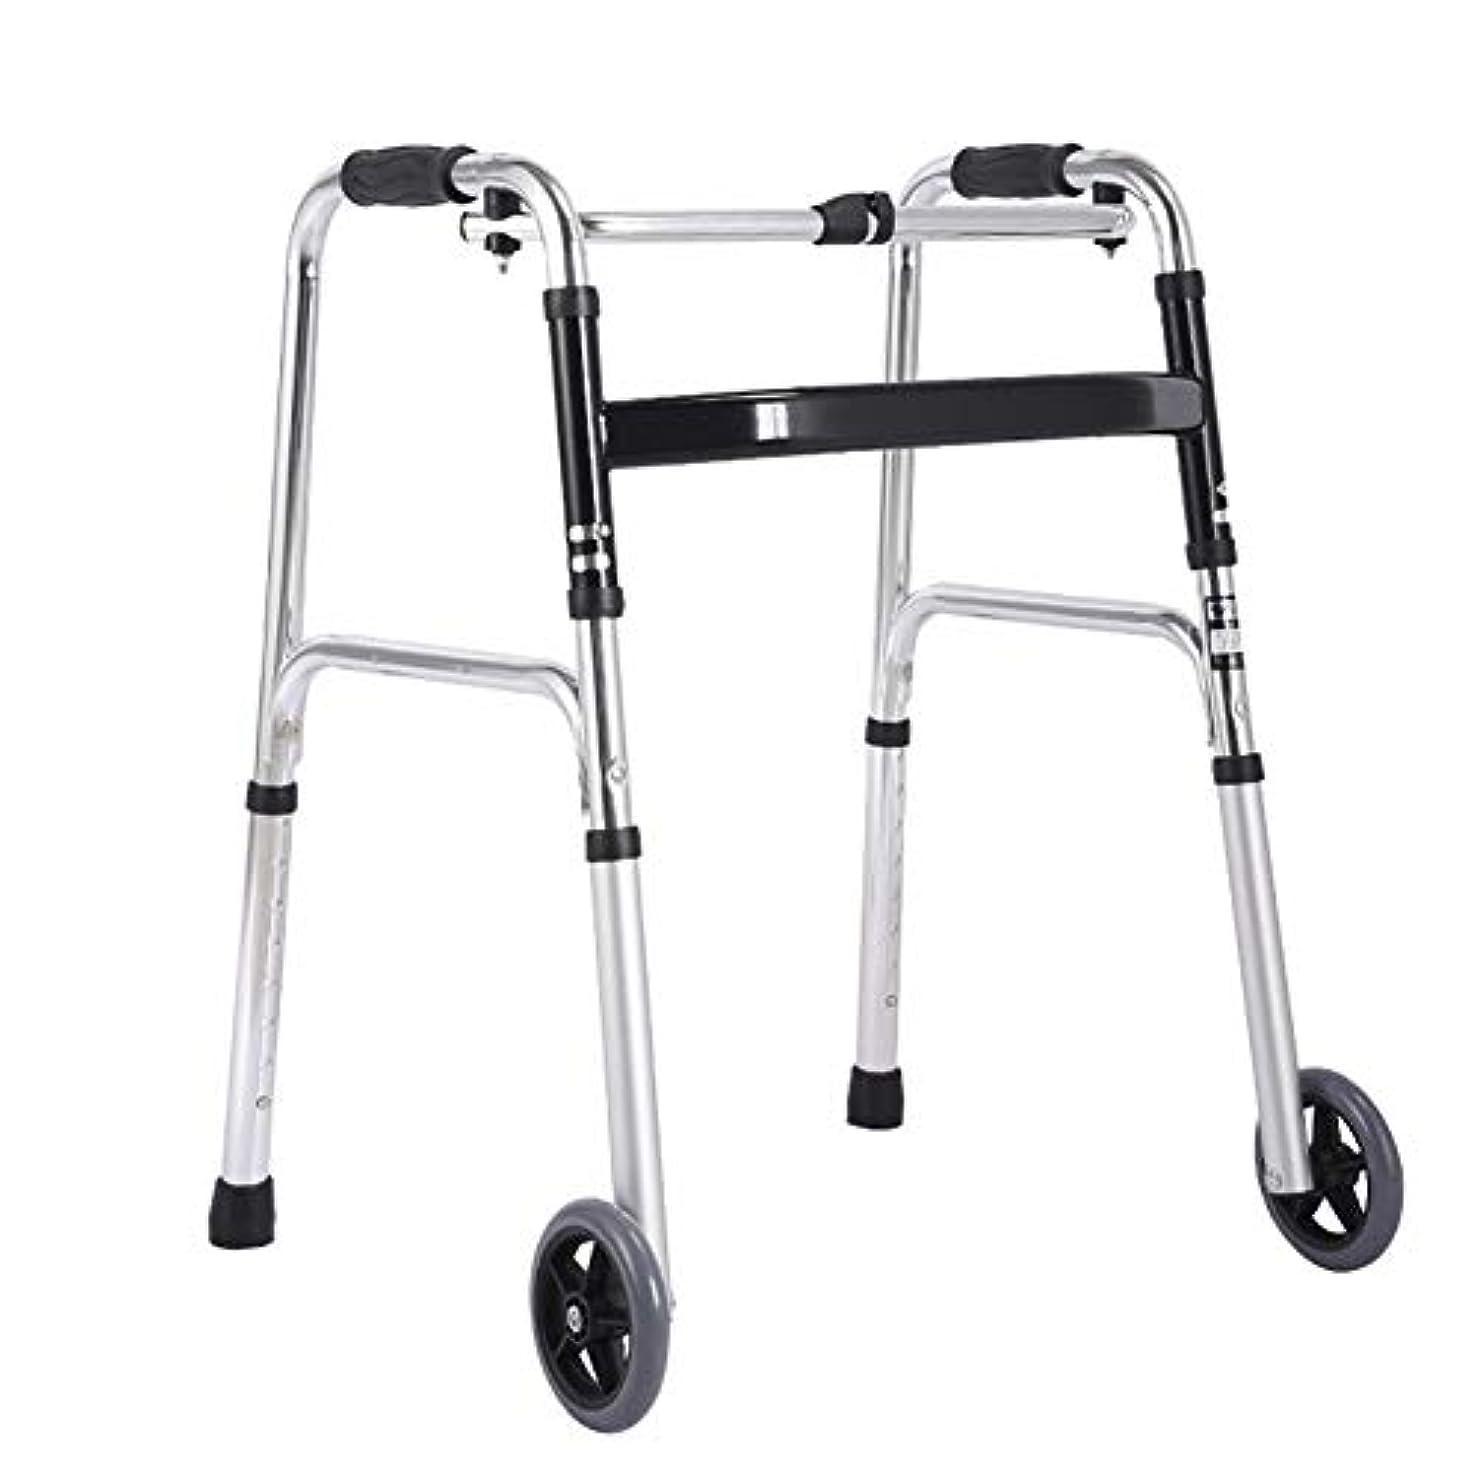 同情のぞき見階段BNSDMM 步行器 ウォーカー - 高齢者用ウォーカー高齢者用ウォーカー補助ウォーカーウォーキングスタッフチェアスツールトロリー折りたたみ - サイズ:55 * 48 *(69-89)cm